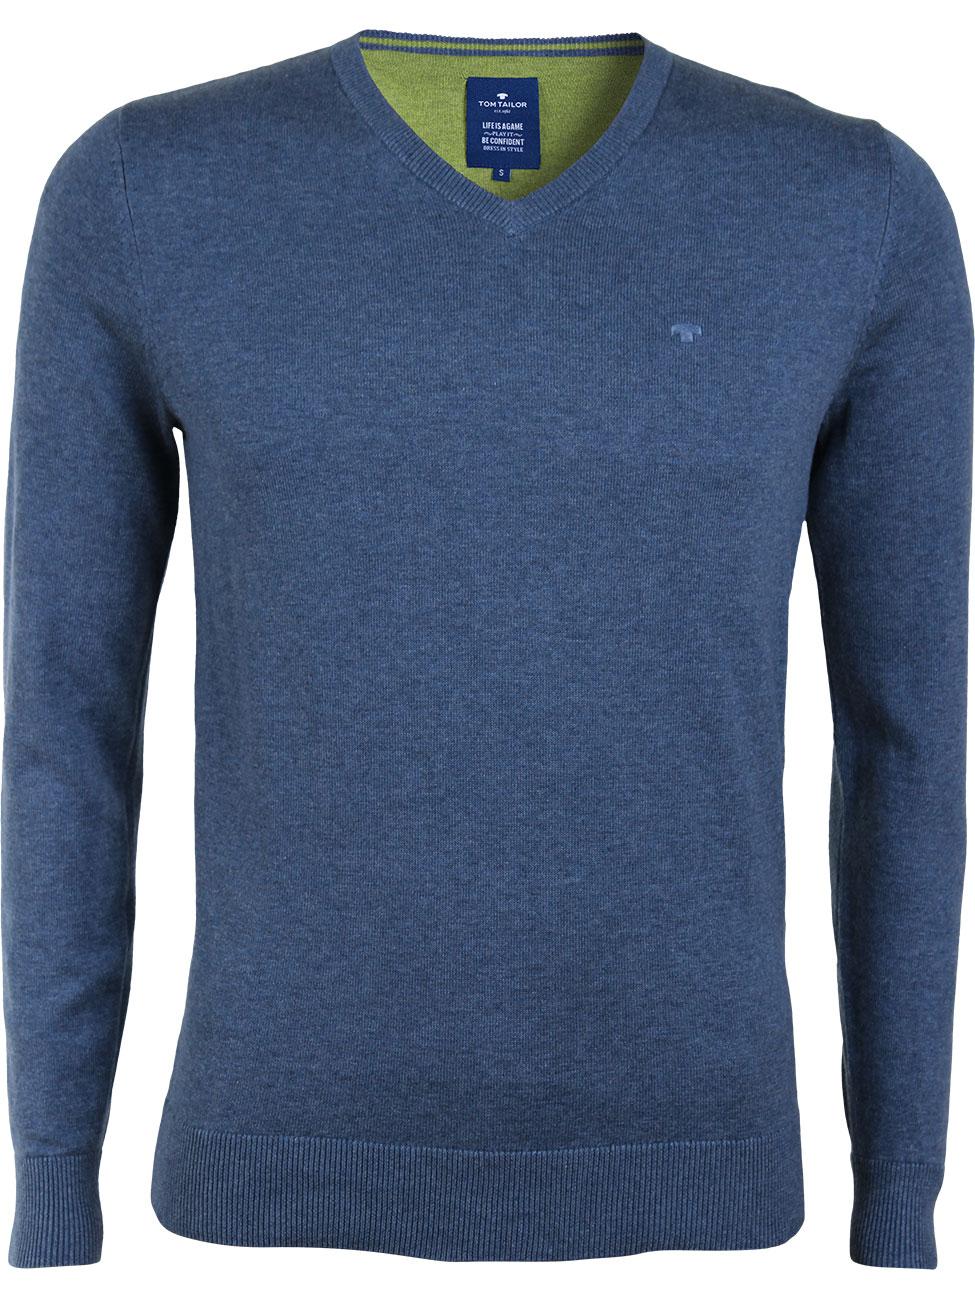 tom tailor herren pullover basic v neck sweater kaufen direct